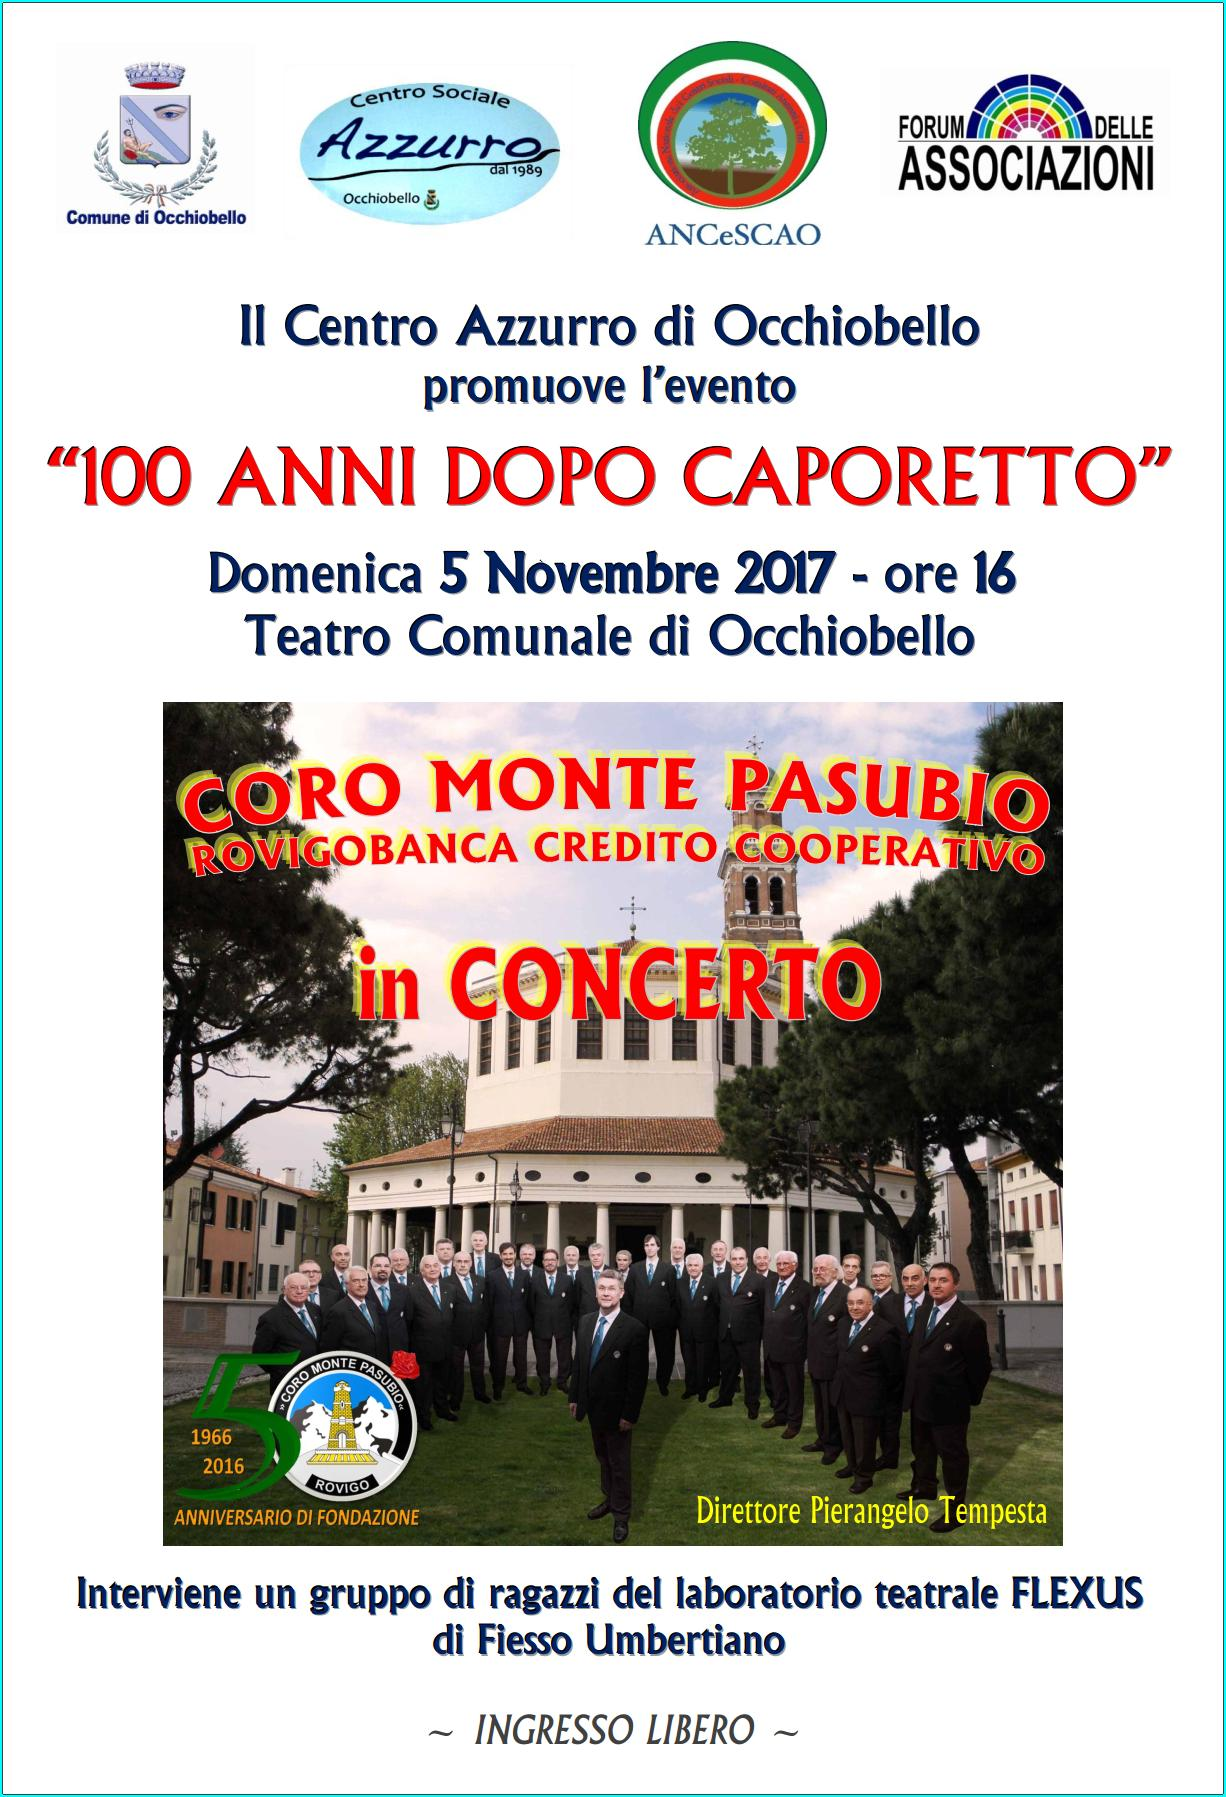 100 anni dopo Caporetto